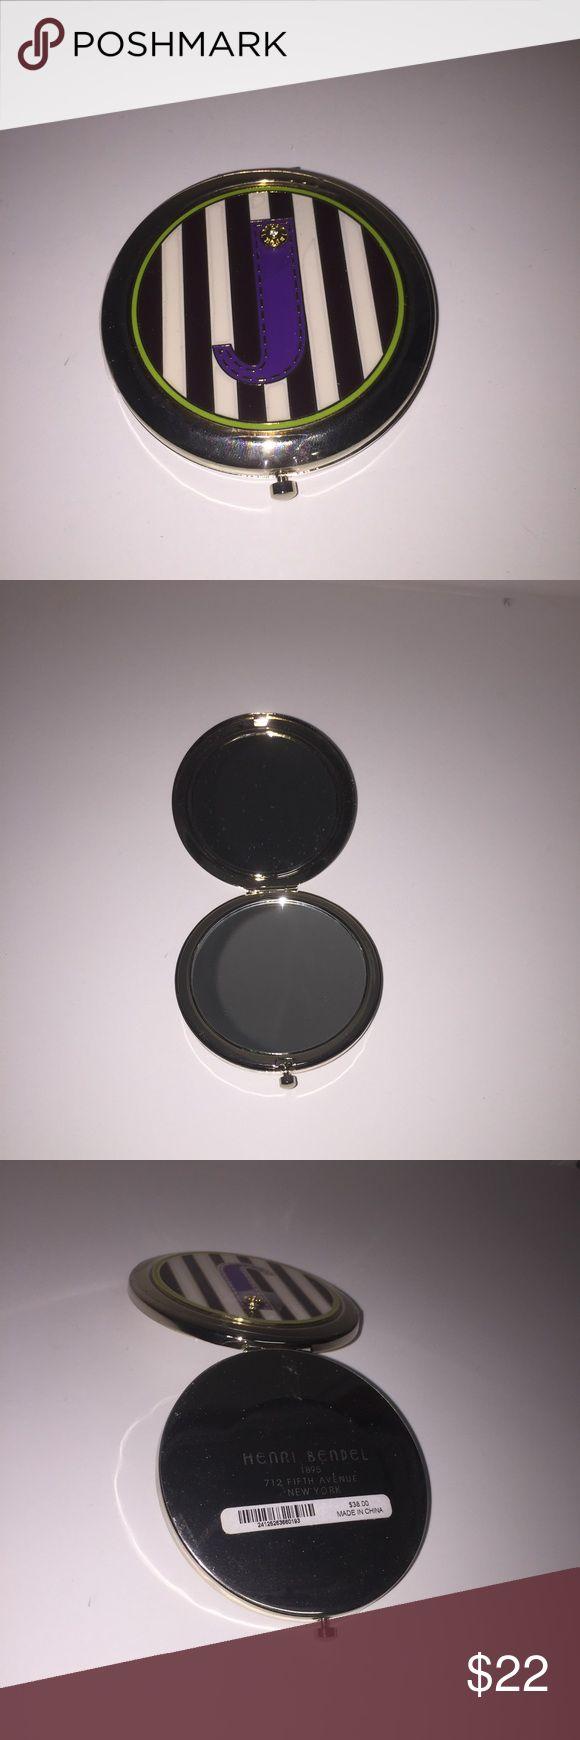 """Henri Bendel compact mirror with """"J"""" Henri Bendel compact mirror with """"J"""". New with plastic and price still on. henri bendel Other"""